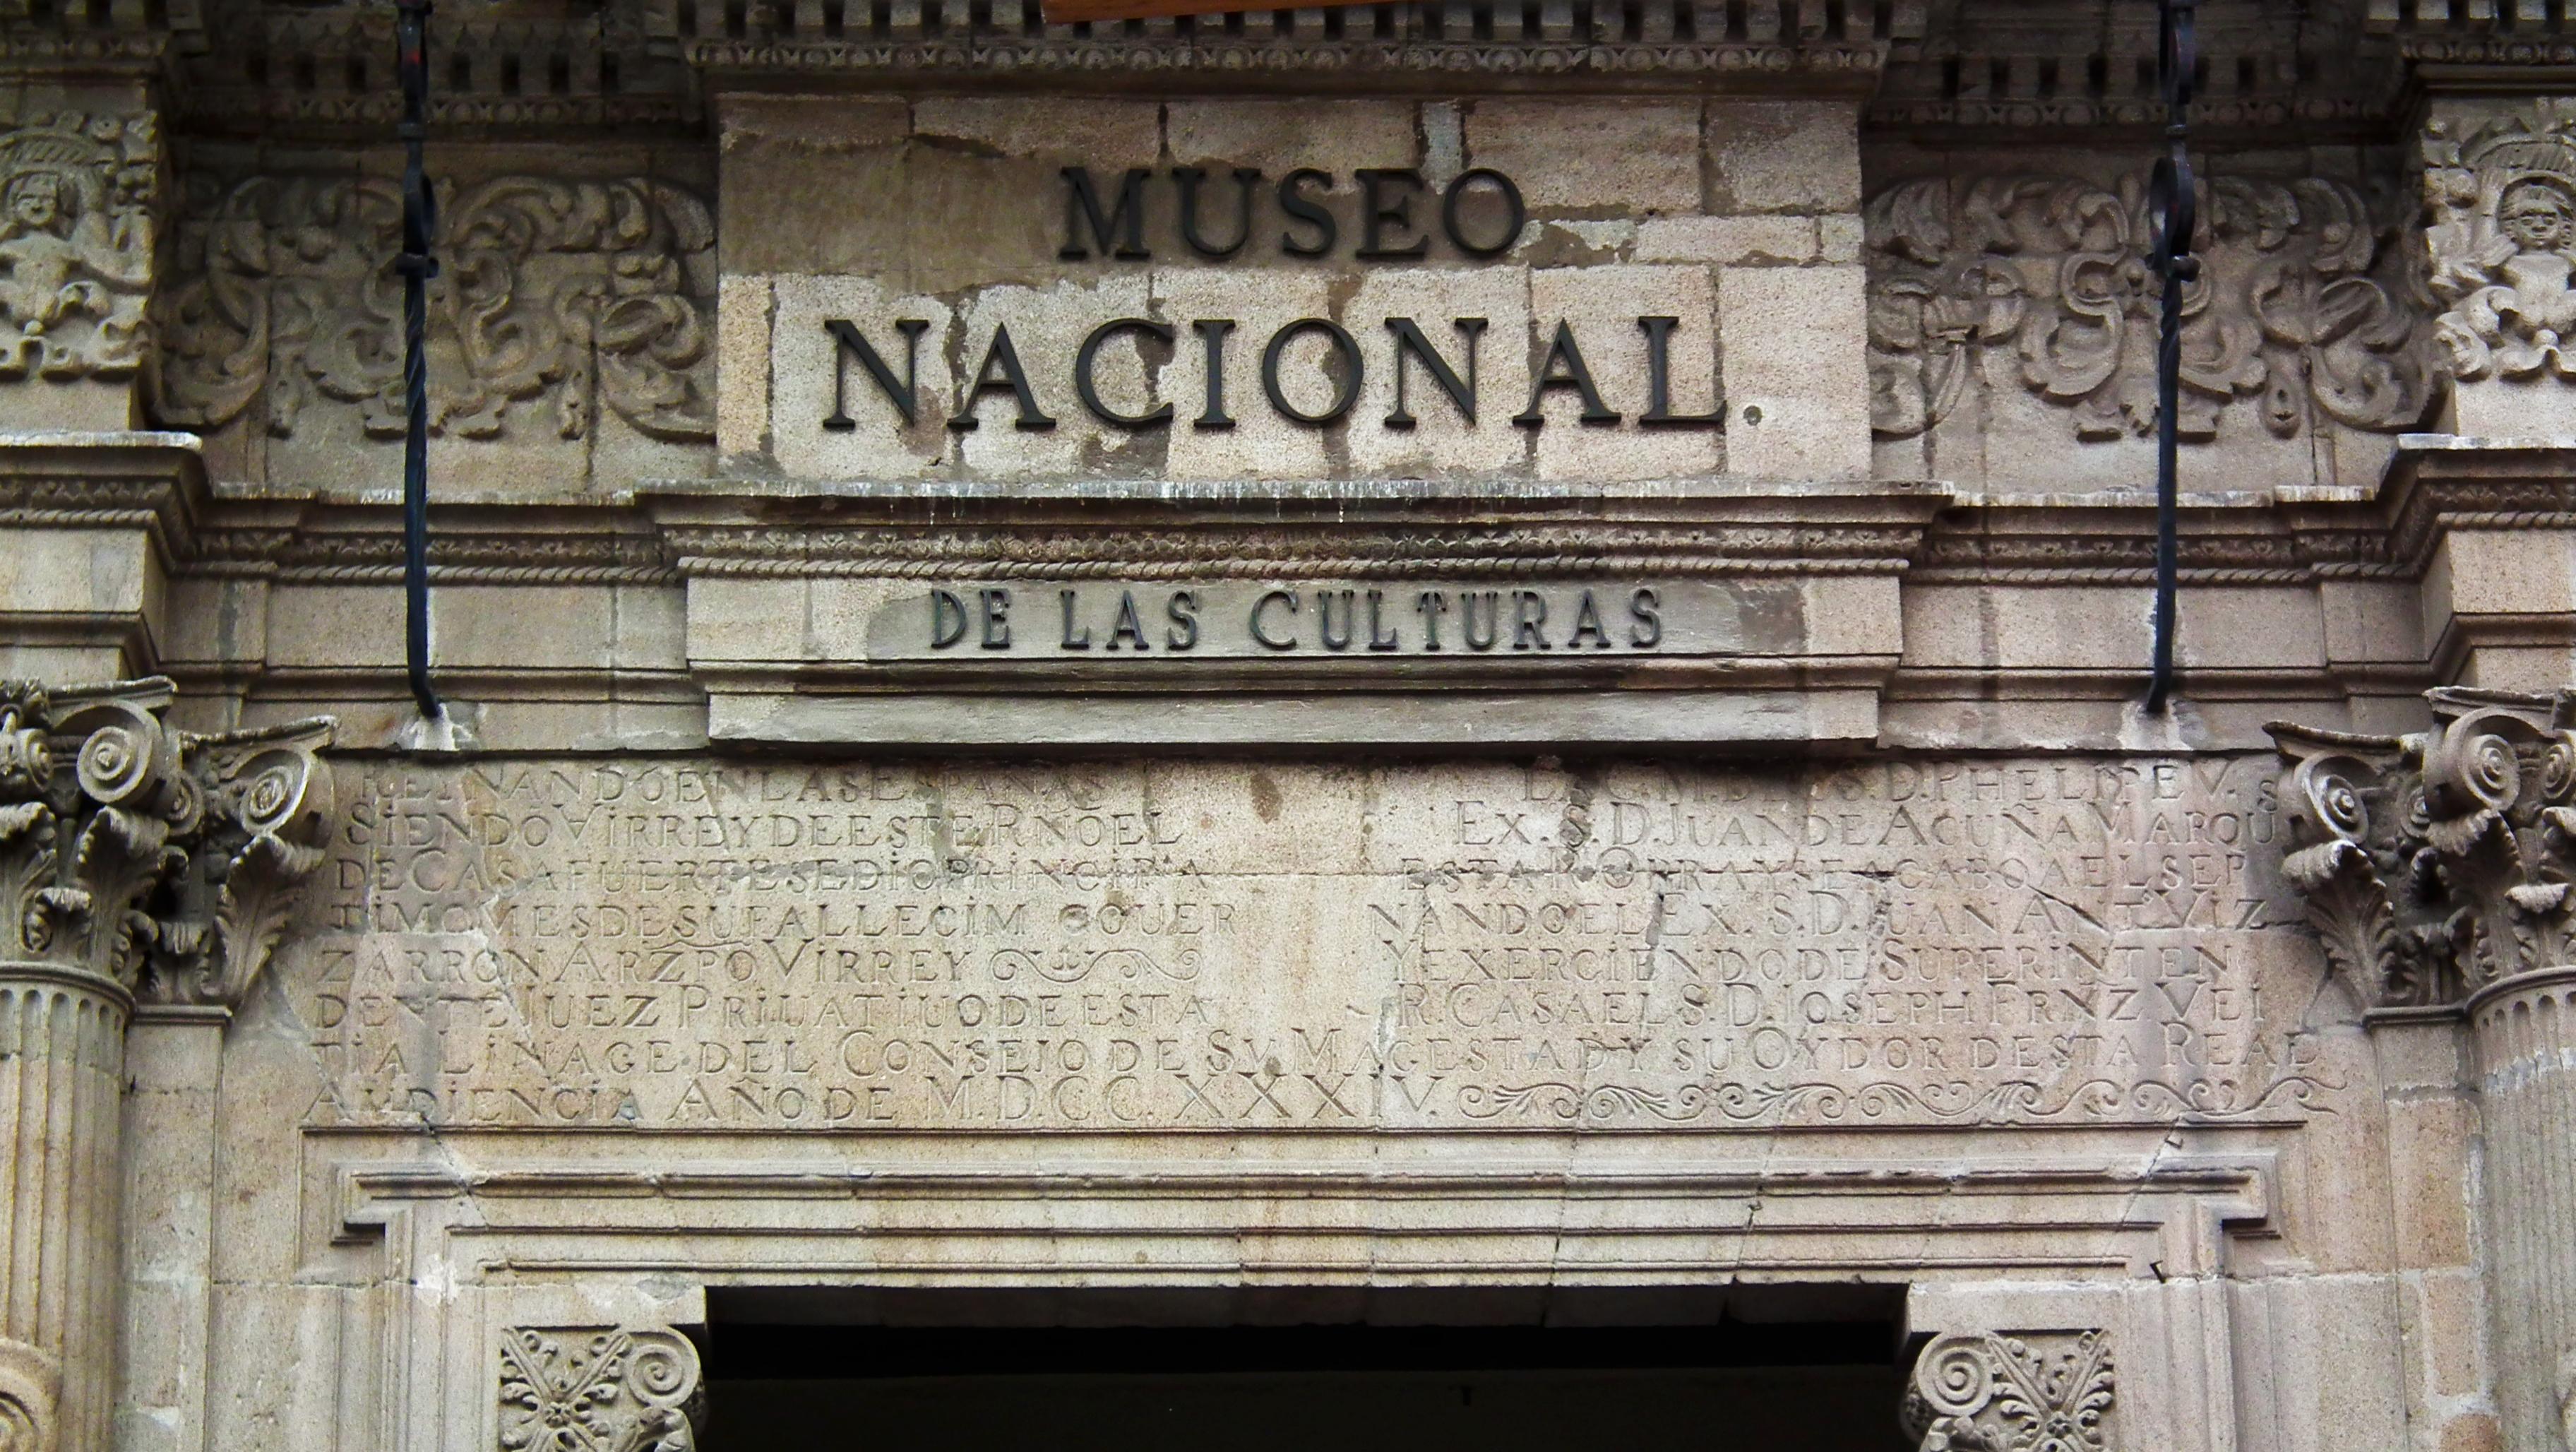 Museo Nacional De Artes Decorativas Felix De La Fuente